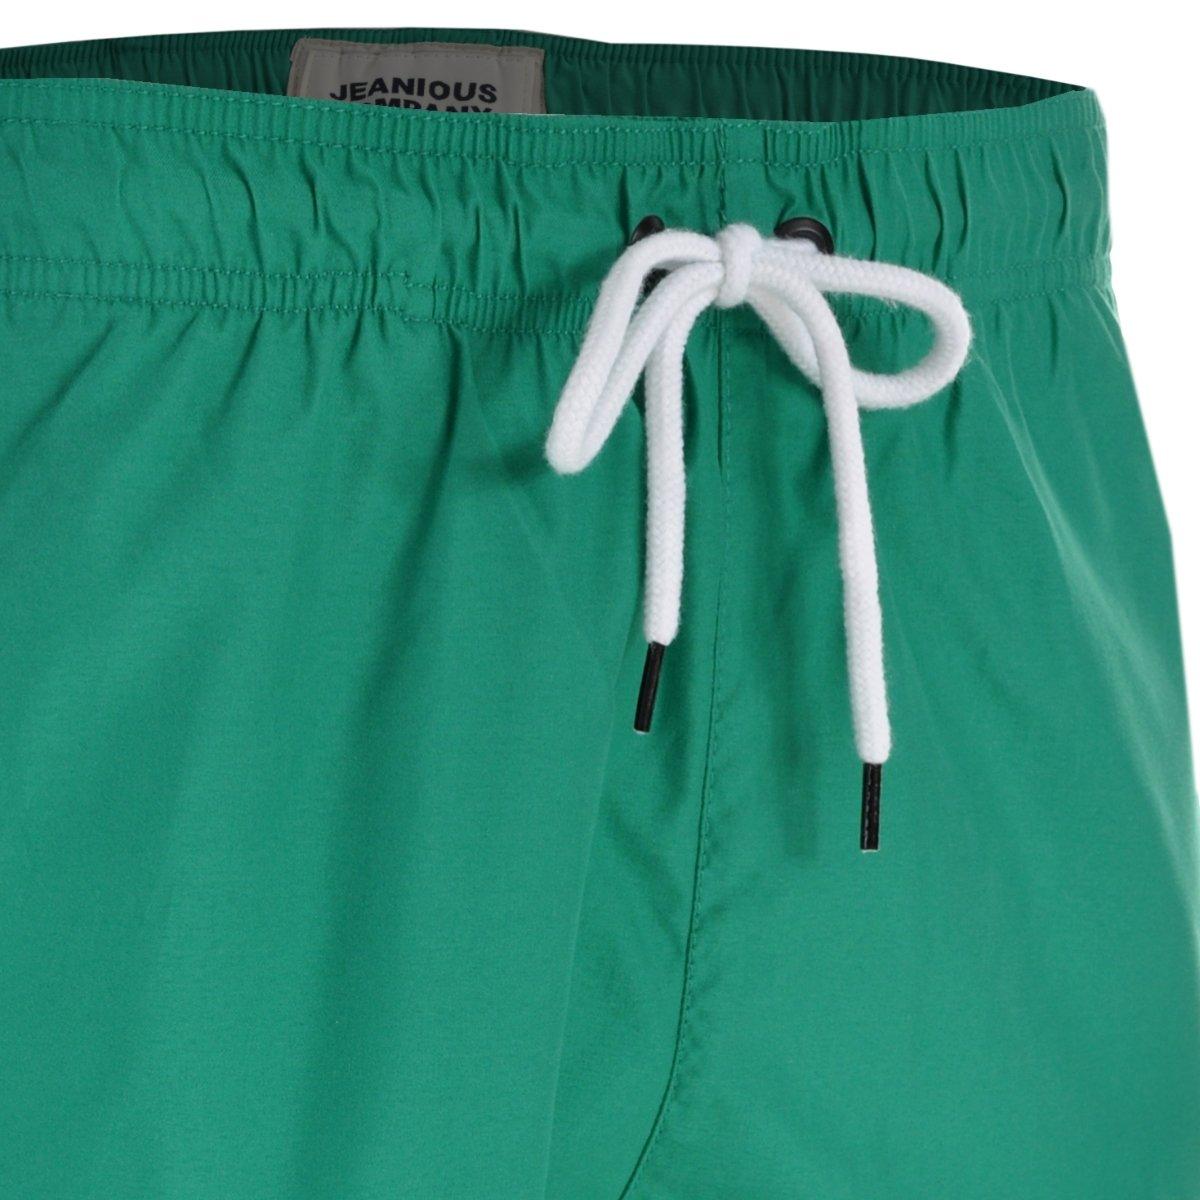 Juegos De Baño Sears: de baño traje de baño jeanious corto traje de baño jeanious corto